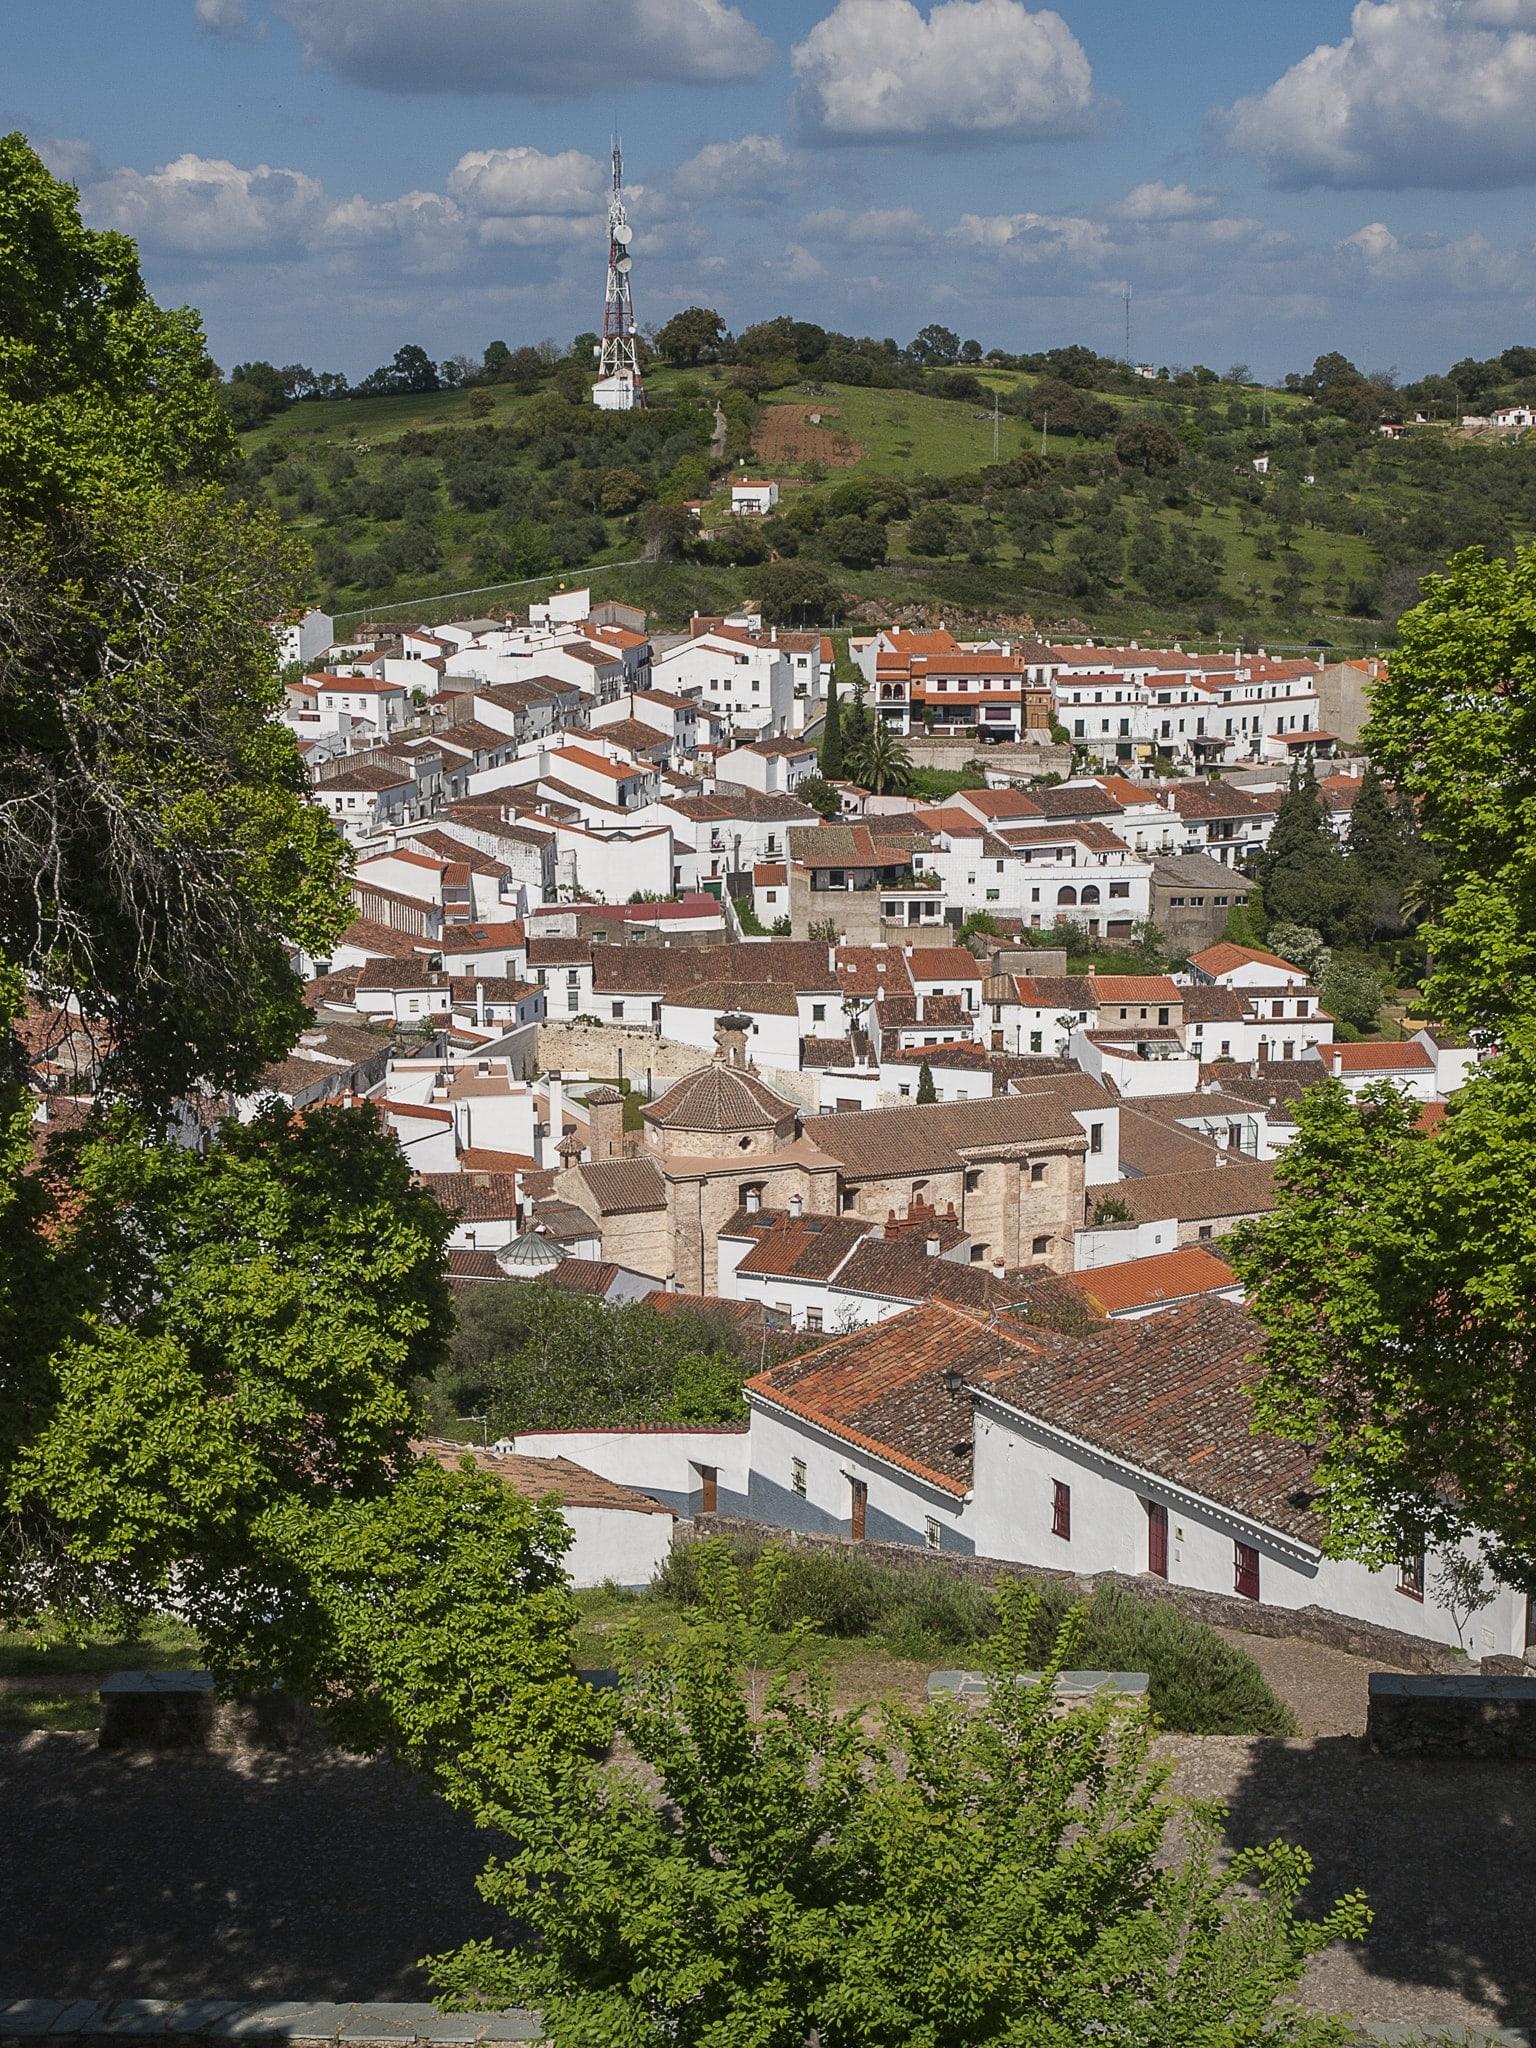 Foto PuertoAntilla Ecoturismo 24052018 3 - Ecoturismo, una forma de descubrir Huelva a través de su naturaleza